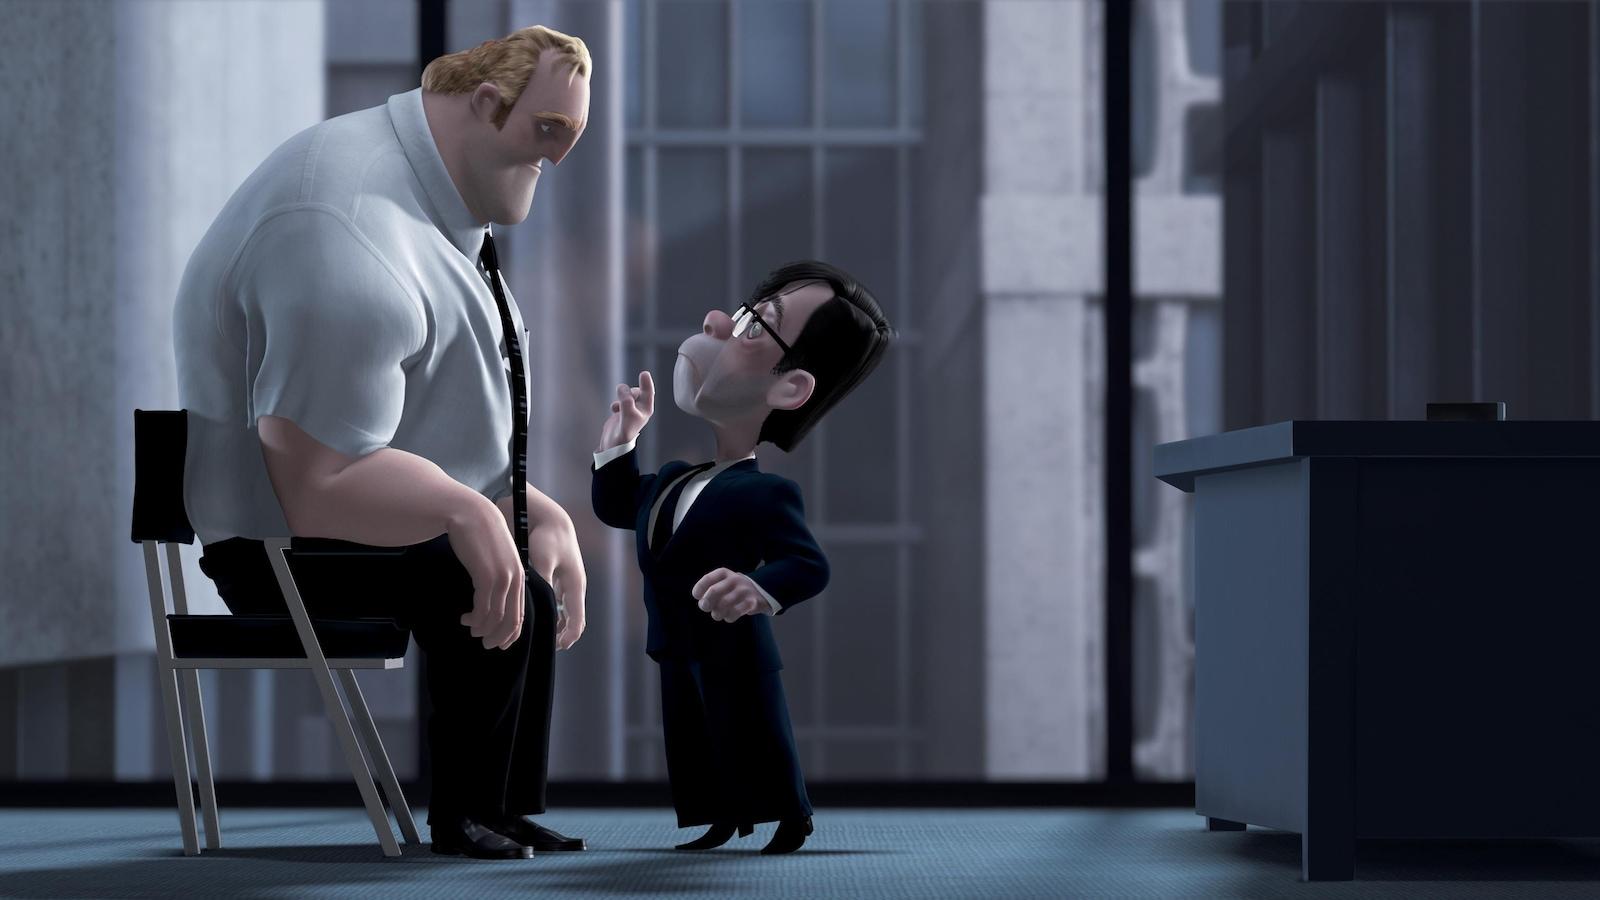 Un homme à la stature imposante assis sur une chaise devant un tout petit monsieur, les deux animés.